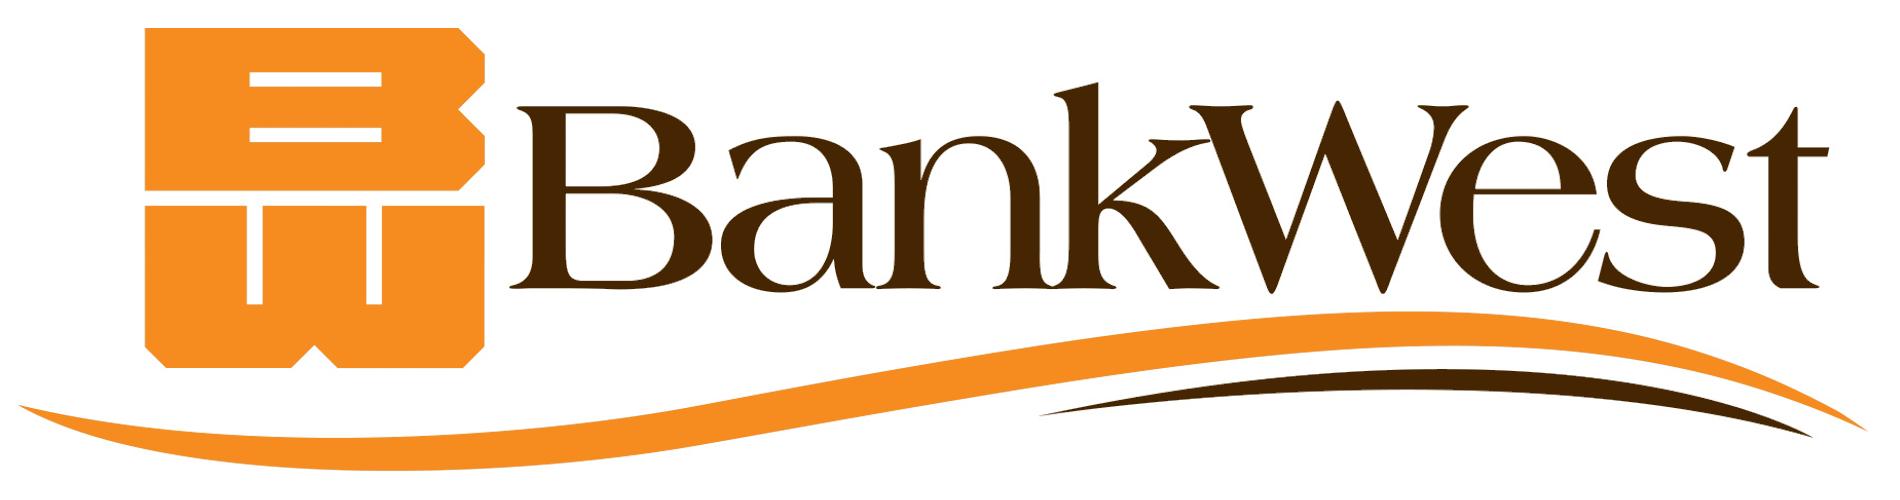 Bankwest Travel Insurance